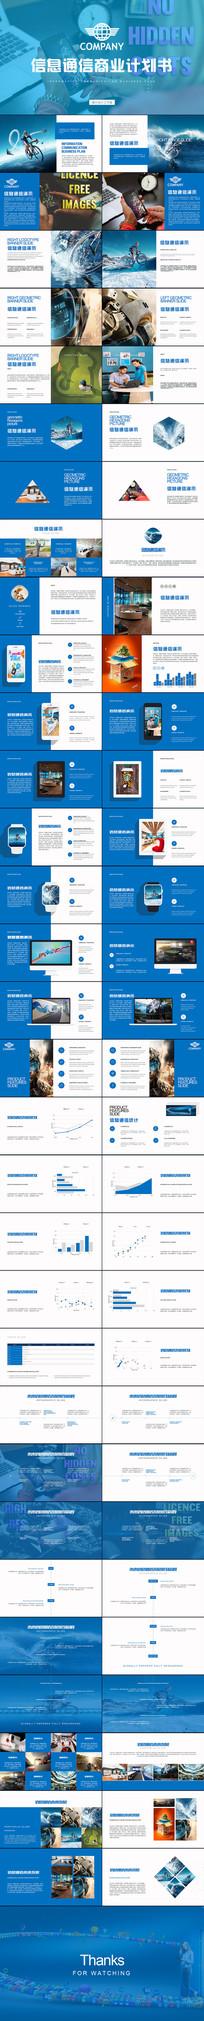 蓝色科技信息通信电子商务互联网PPT模板